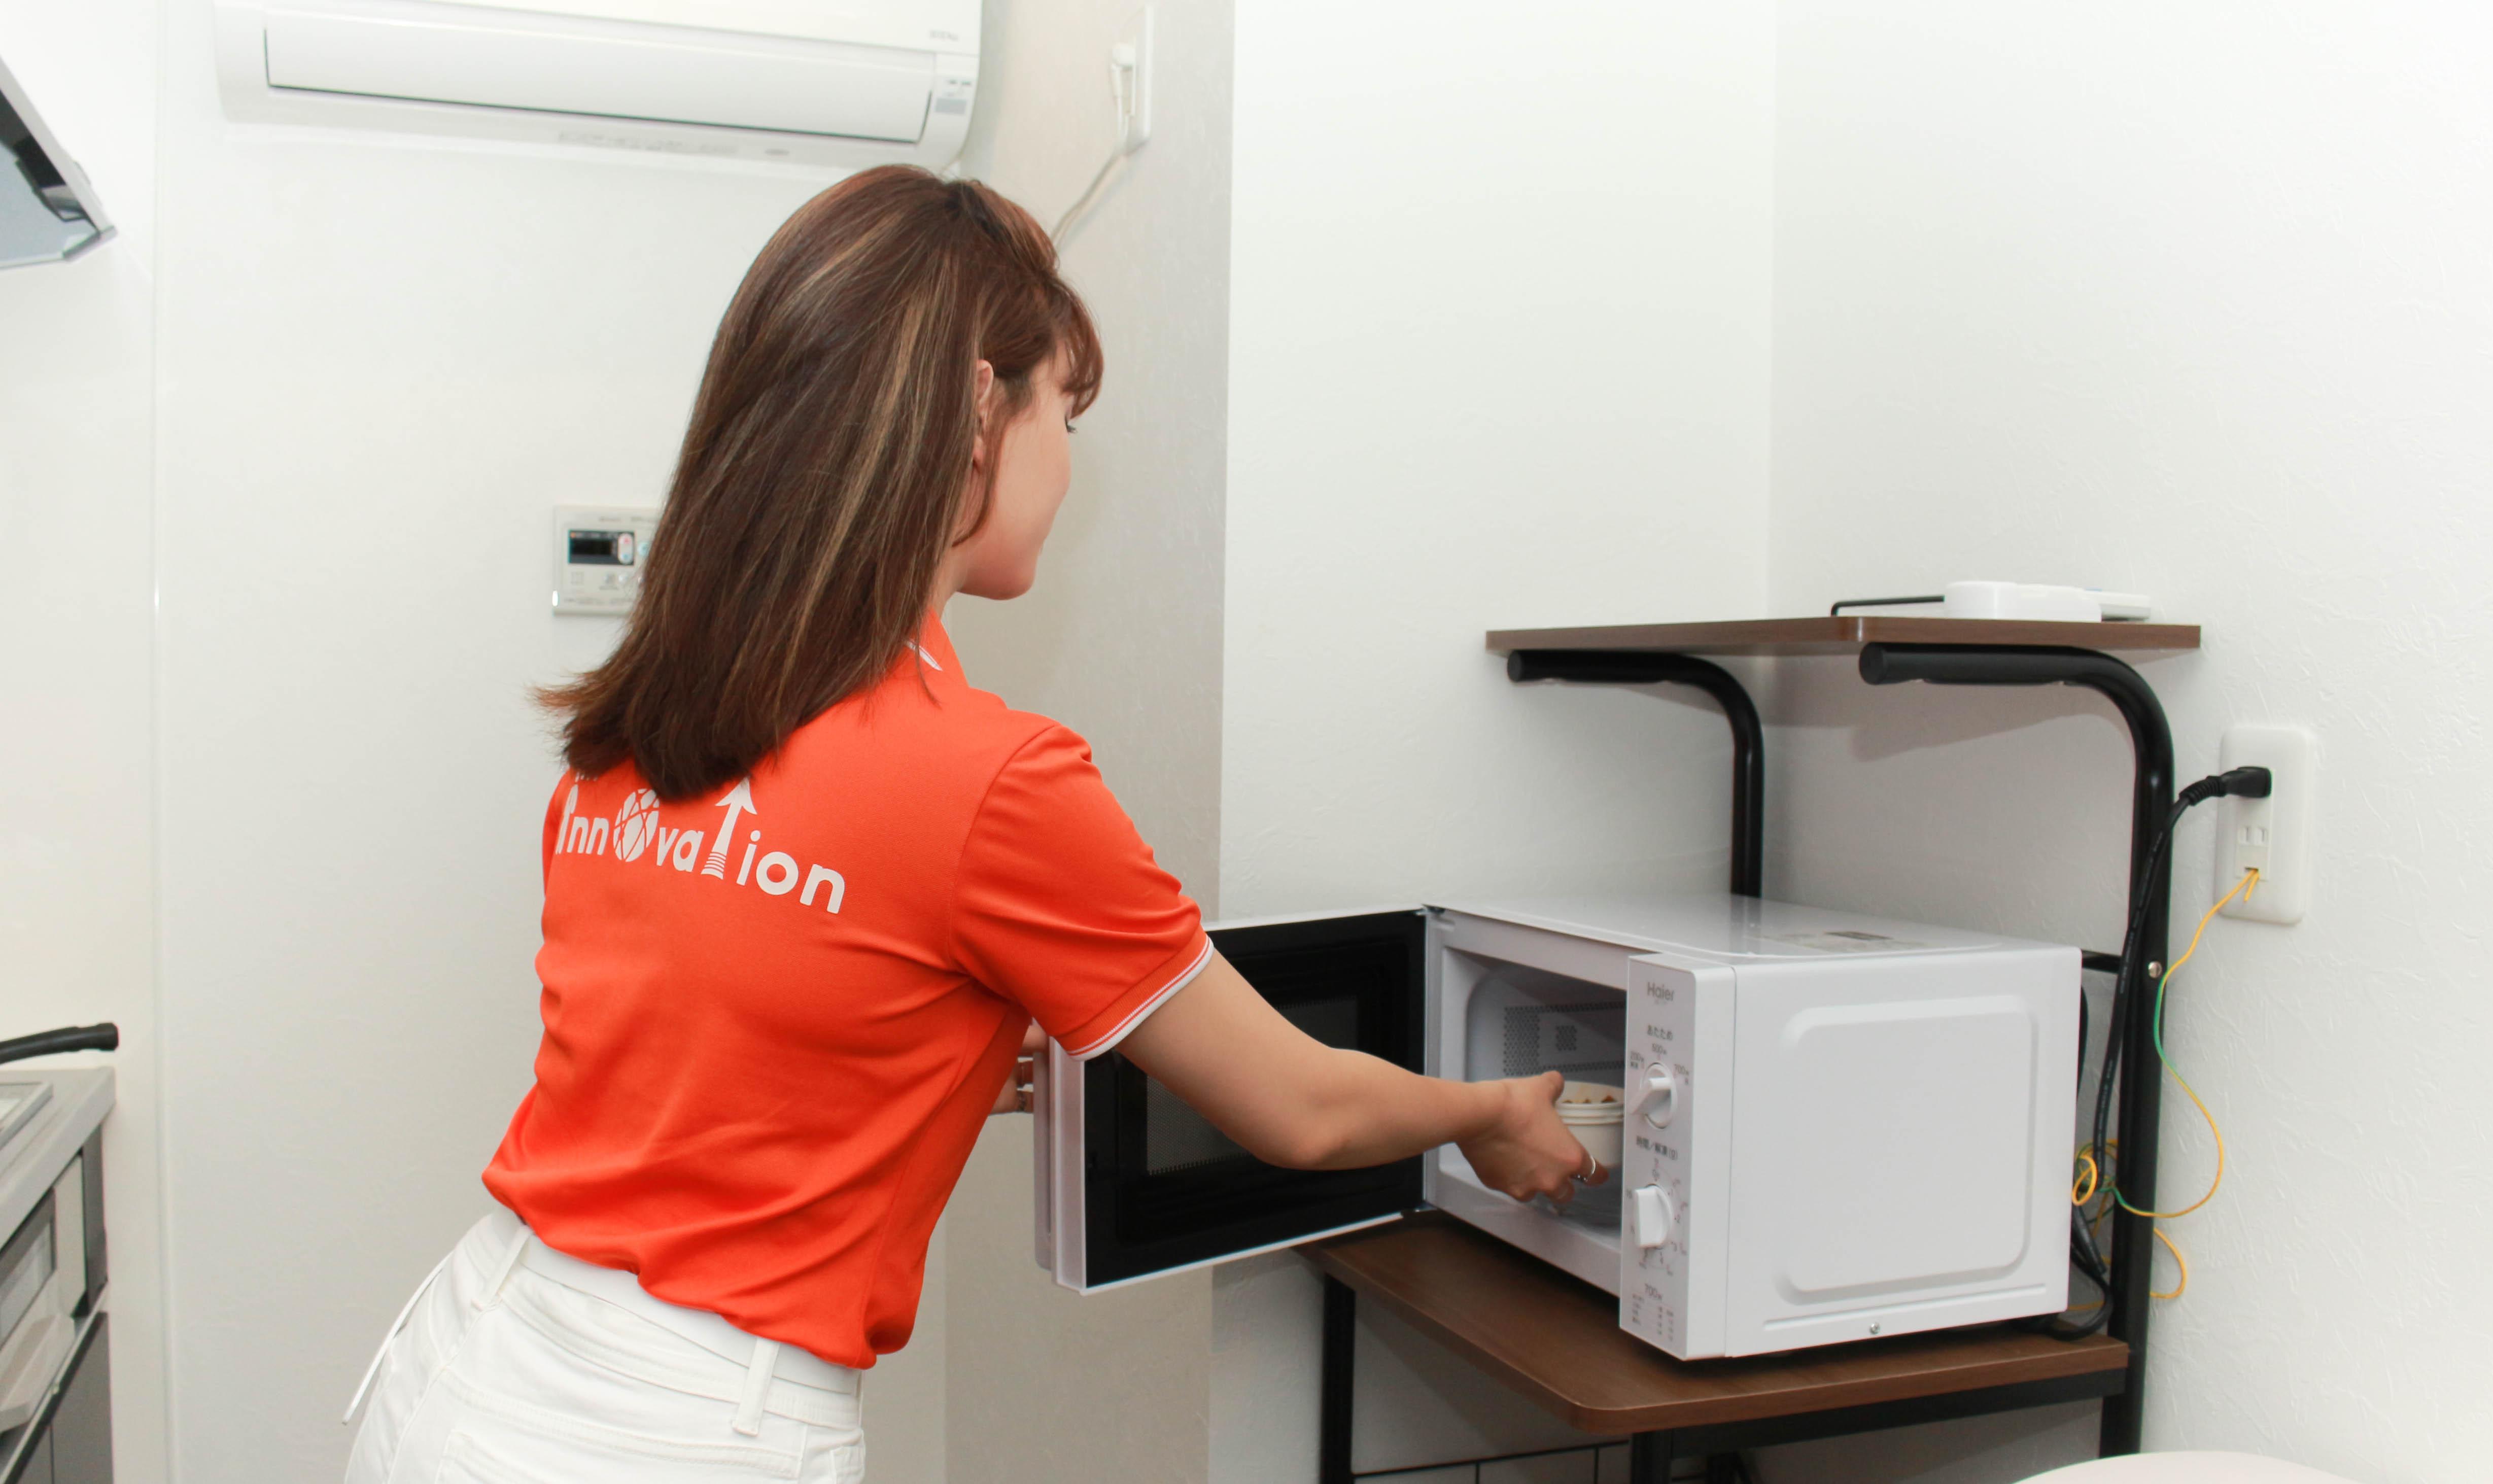 Lò vi sóng tiện lợi giúp hâm nóng thức ăn nhanh chóng.